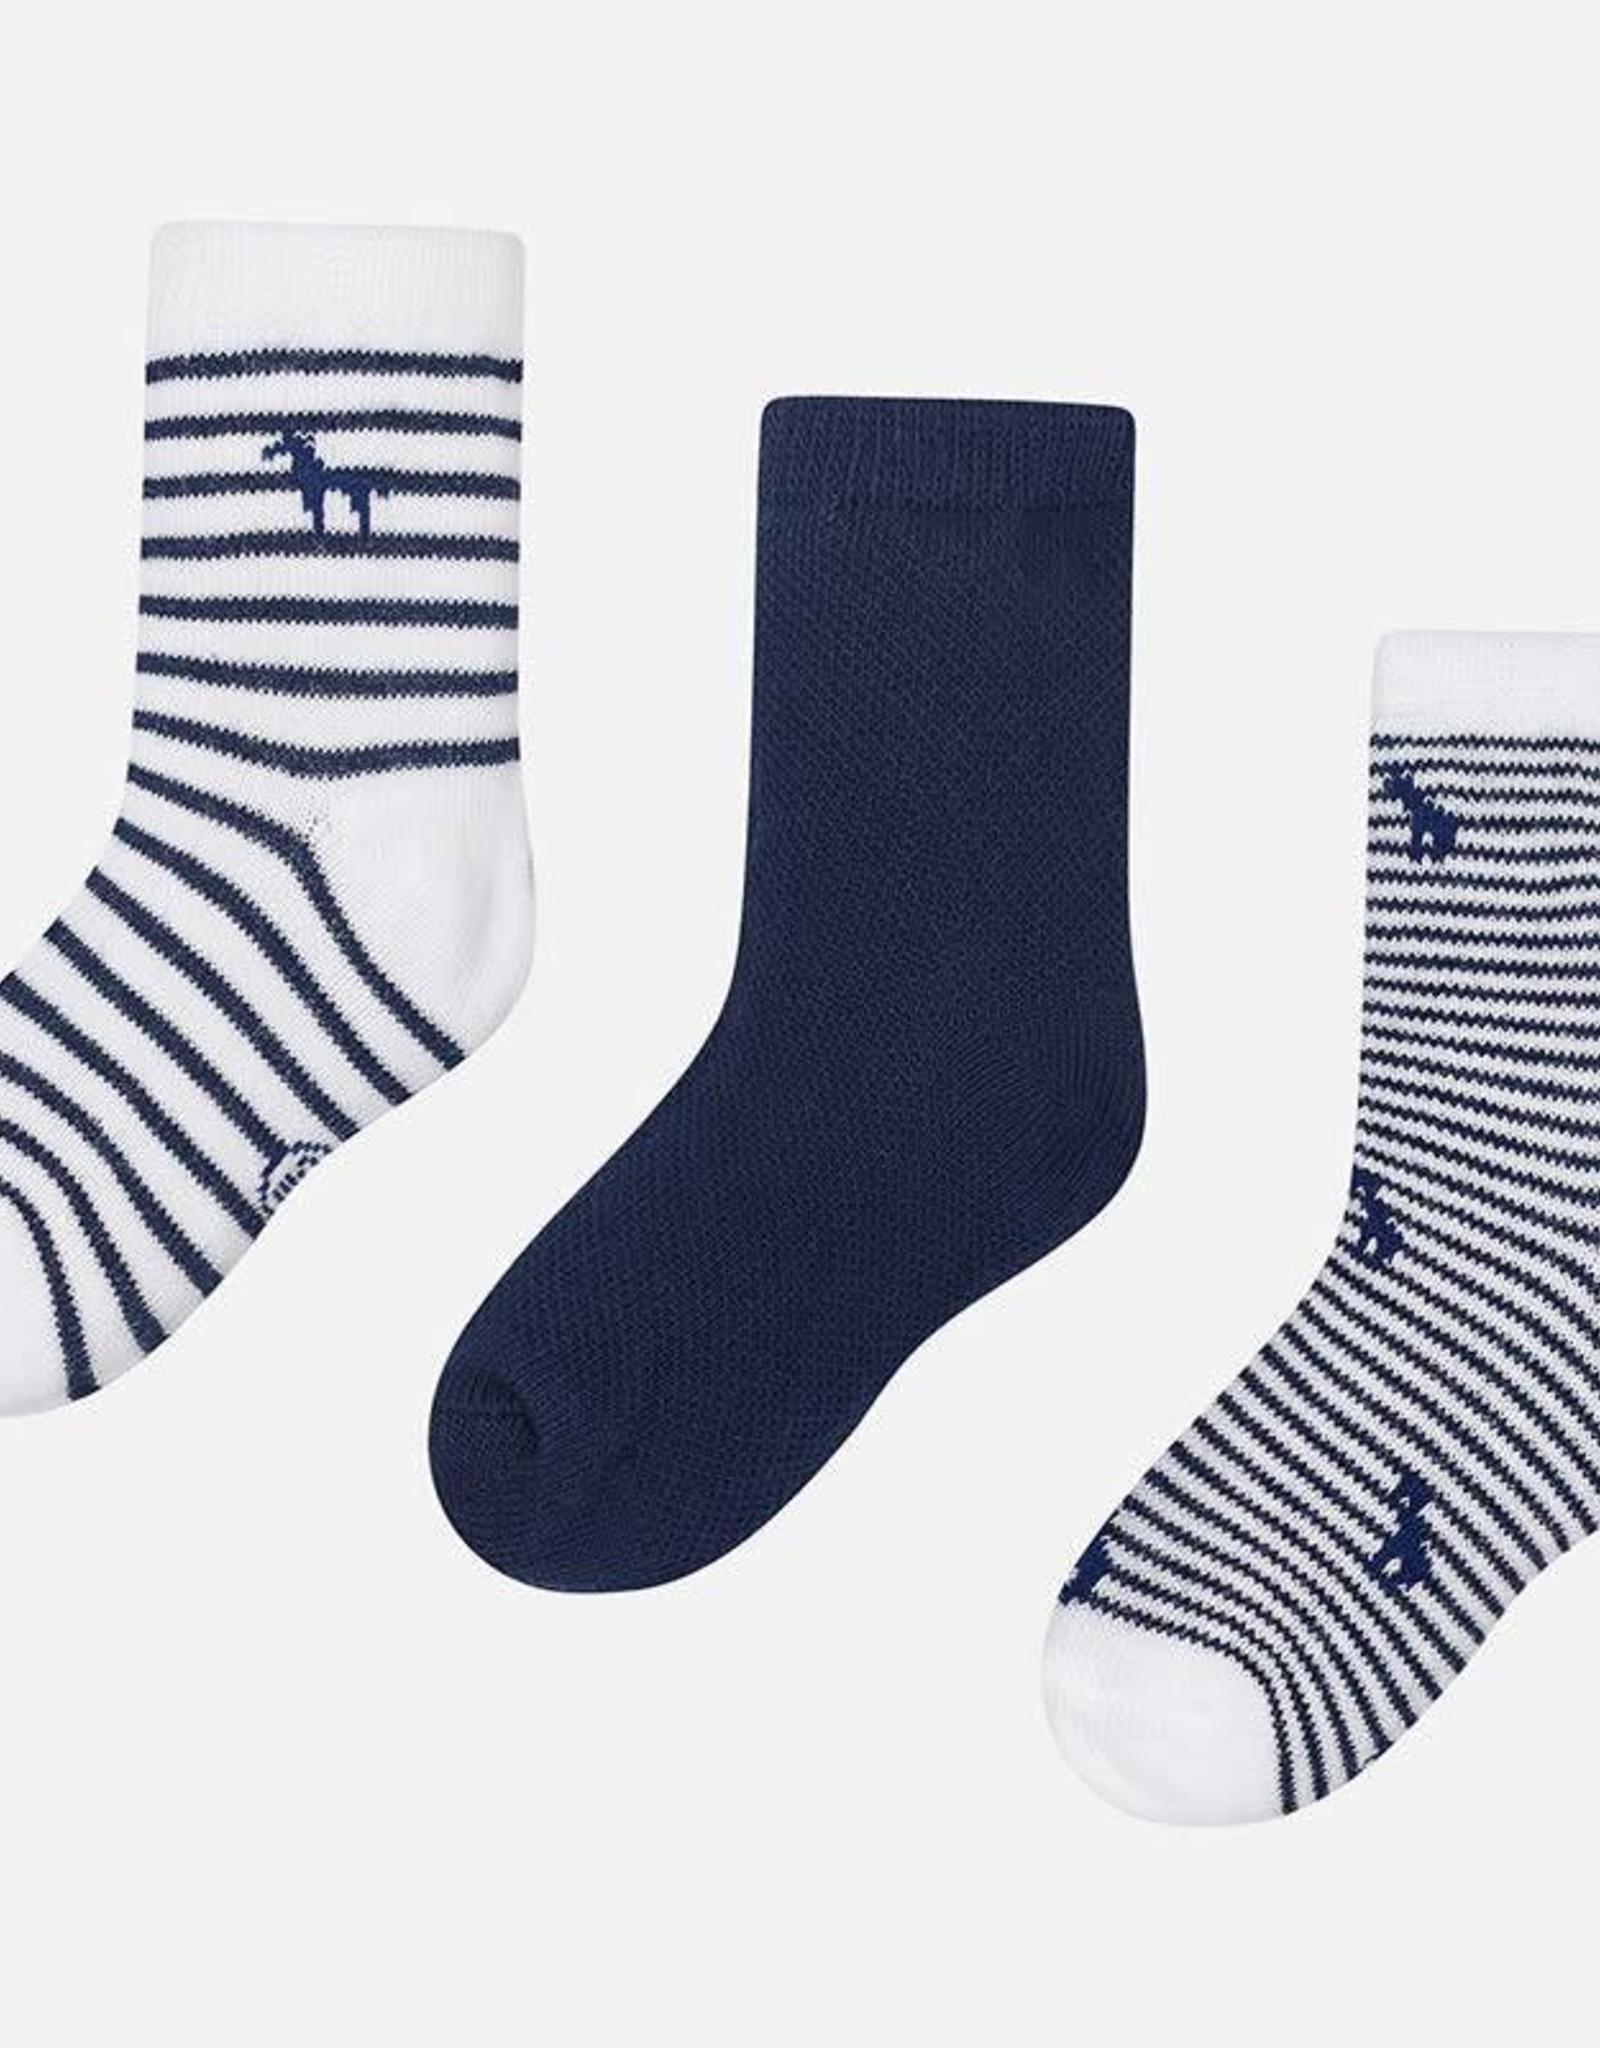 Mayoral Set of 3 socks, navy